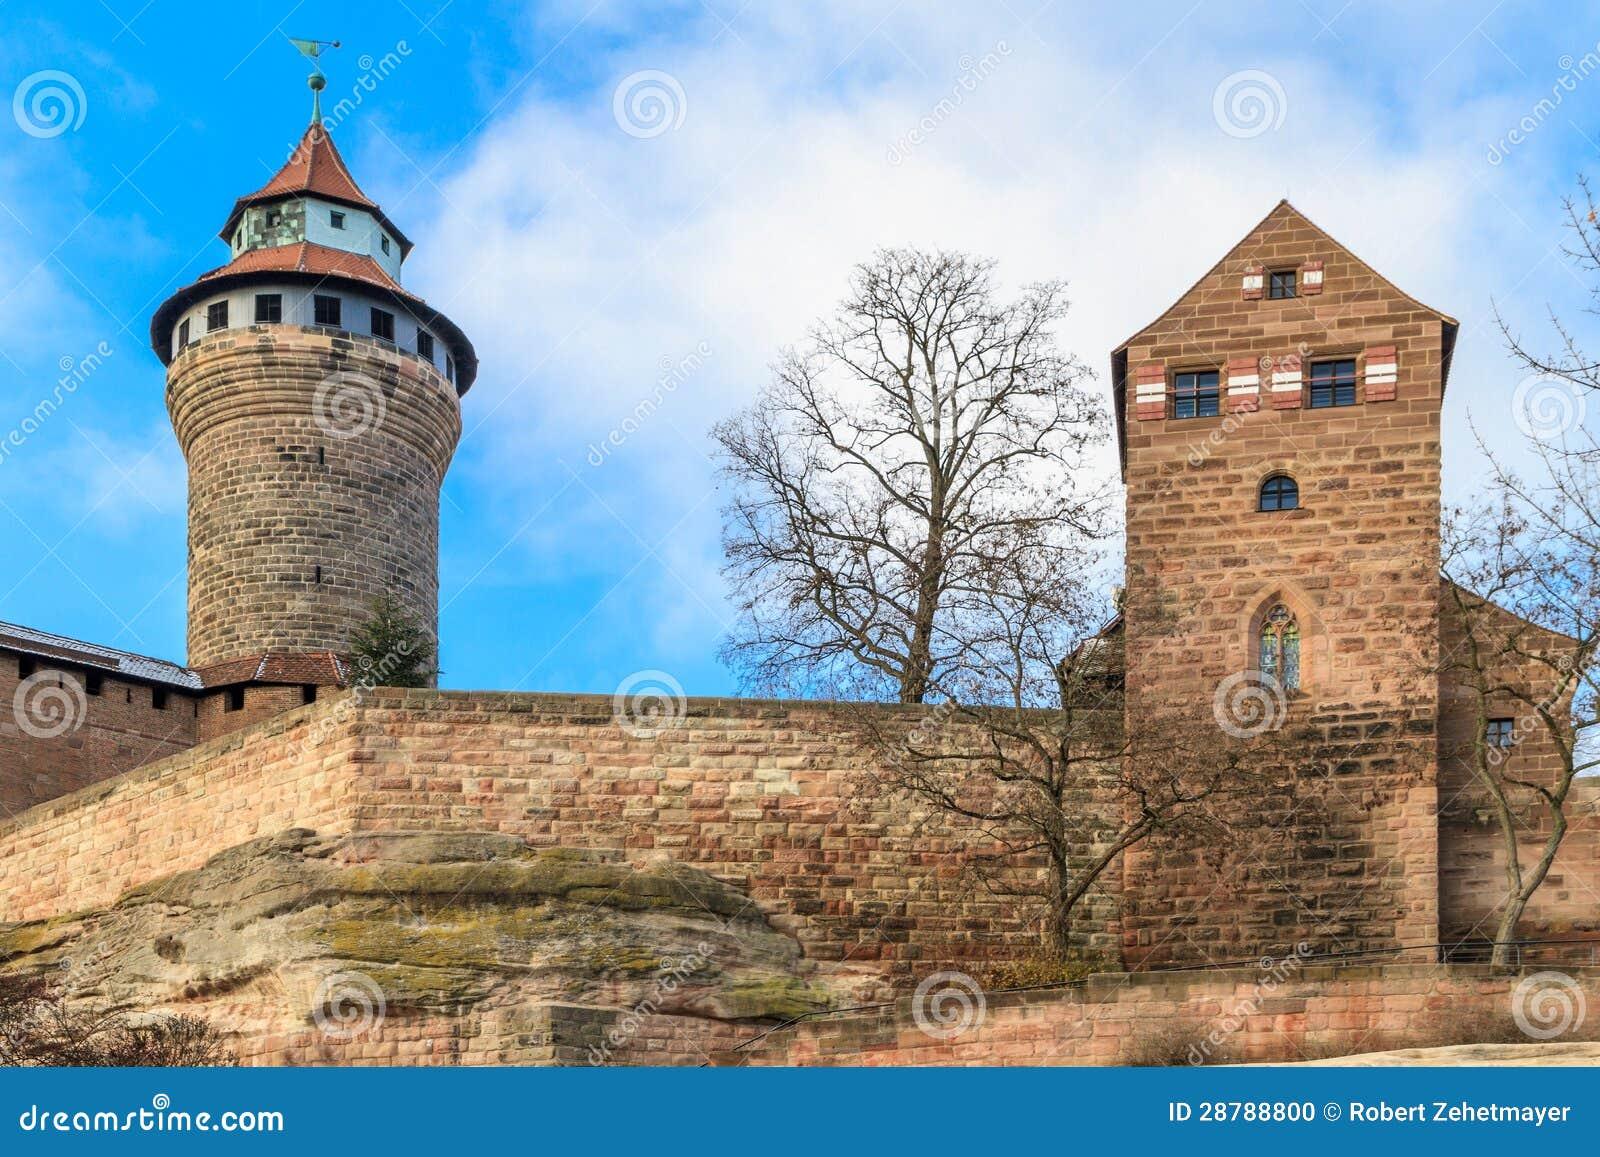 Castillo imperial de Nuremberg